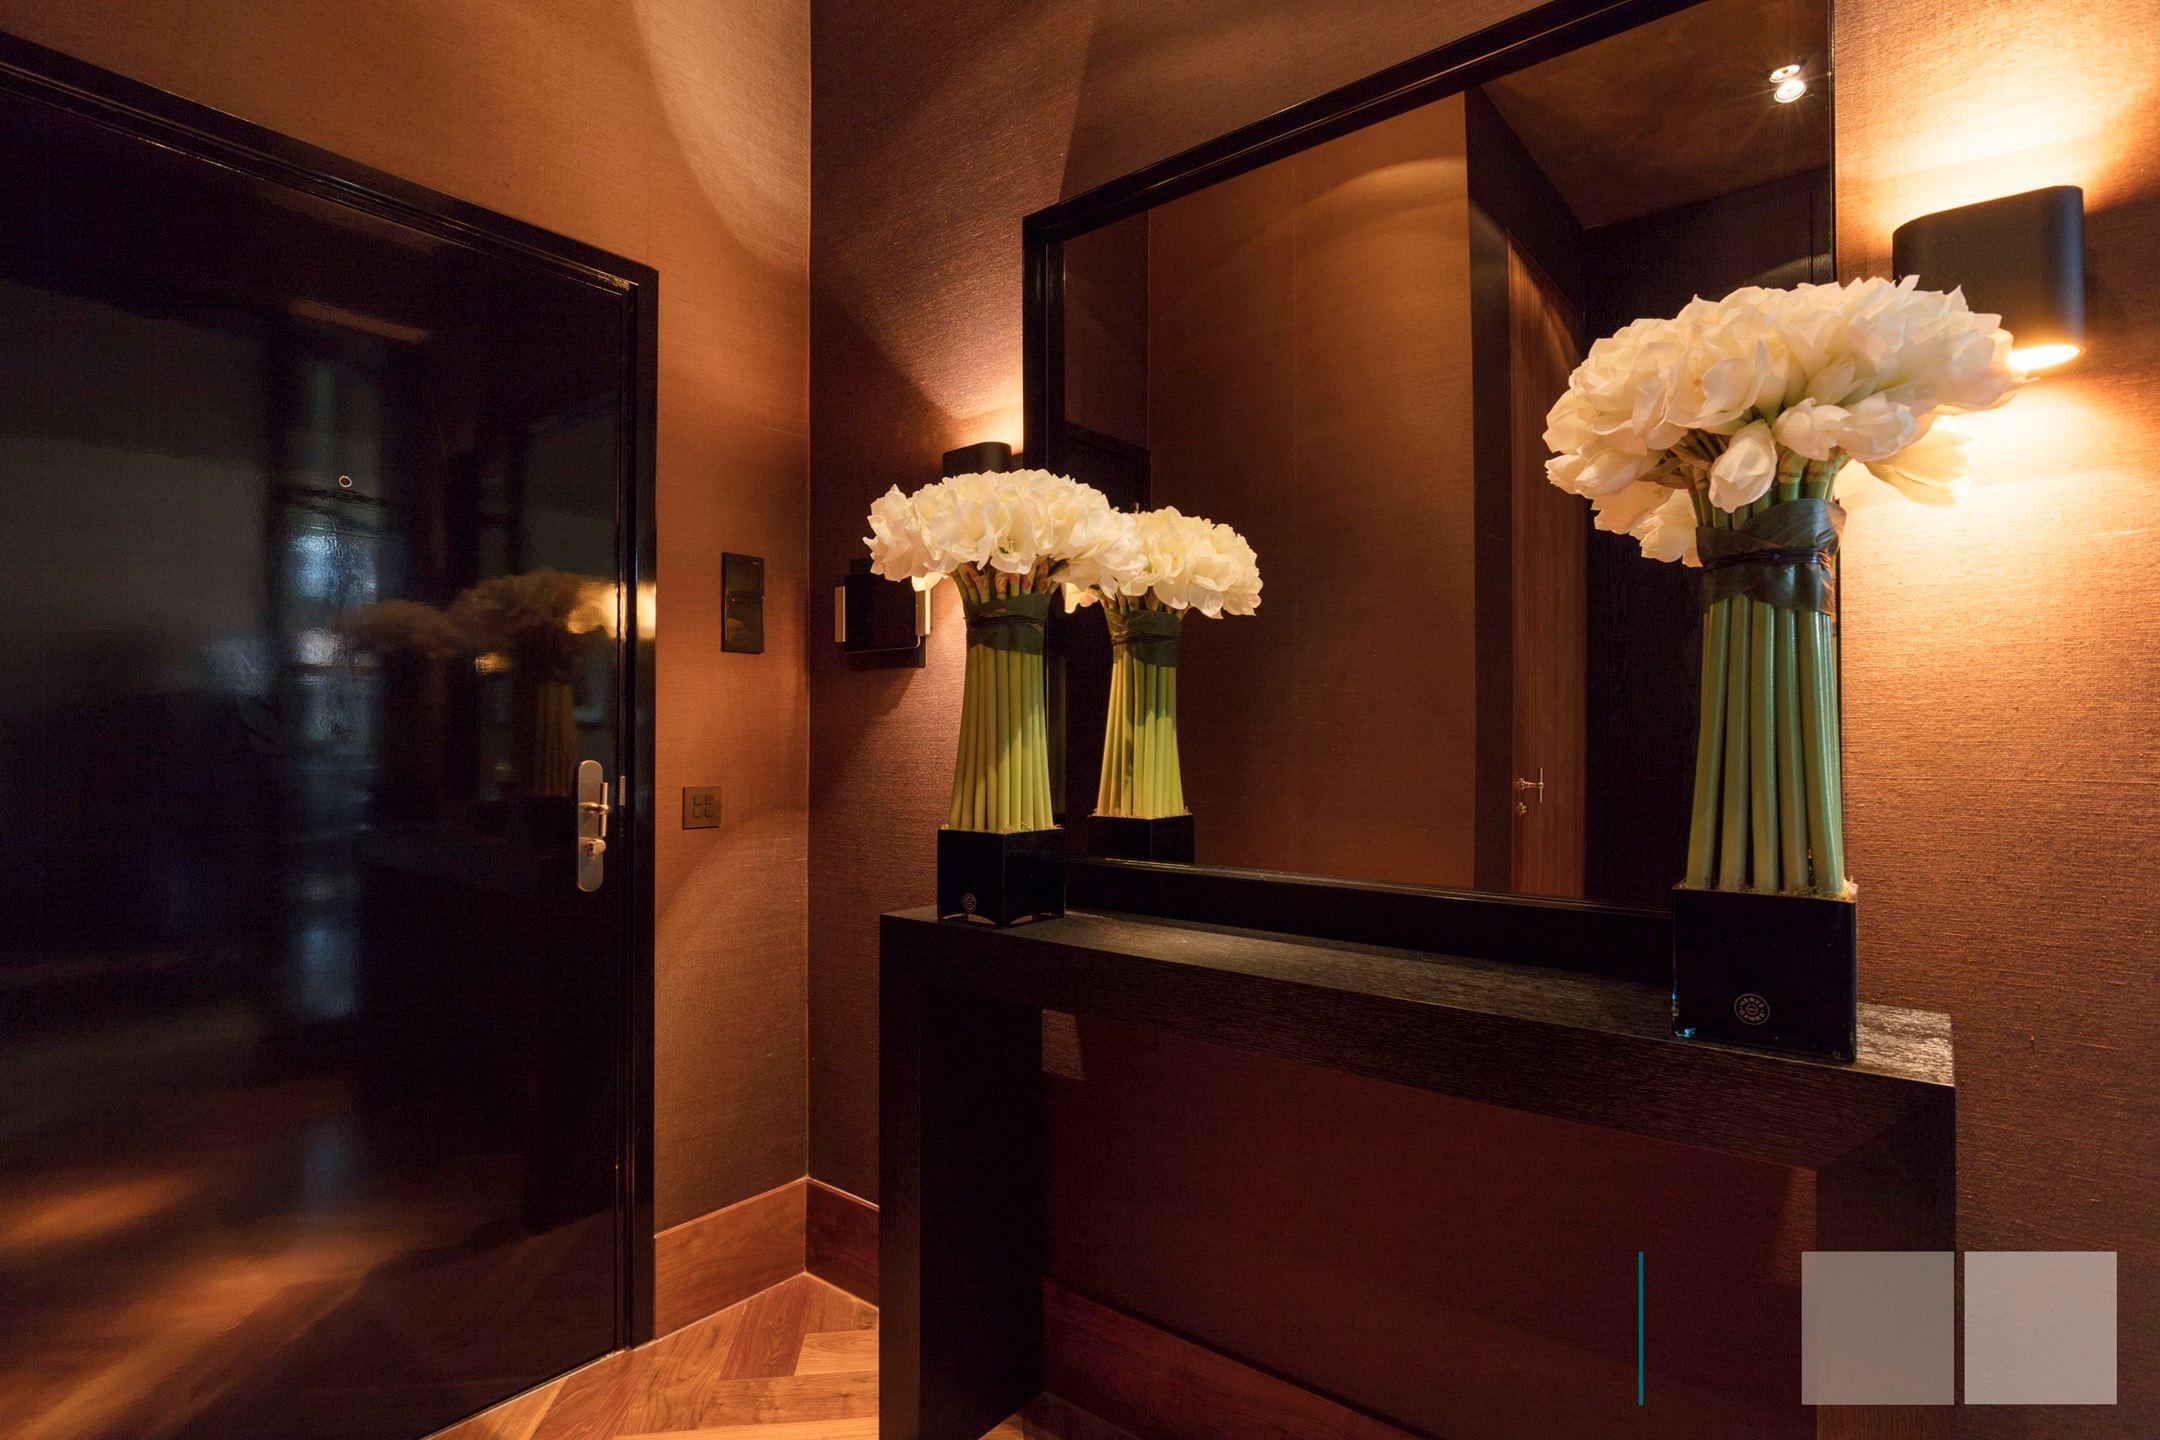 прихожая входная дверь зеркало консоль настенные светильники